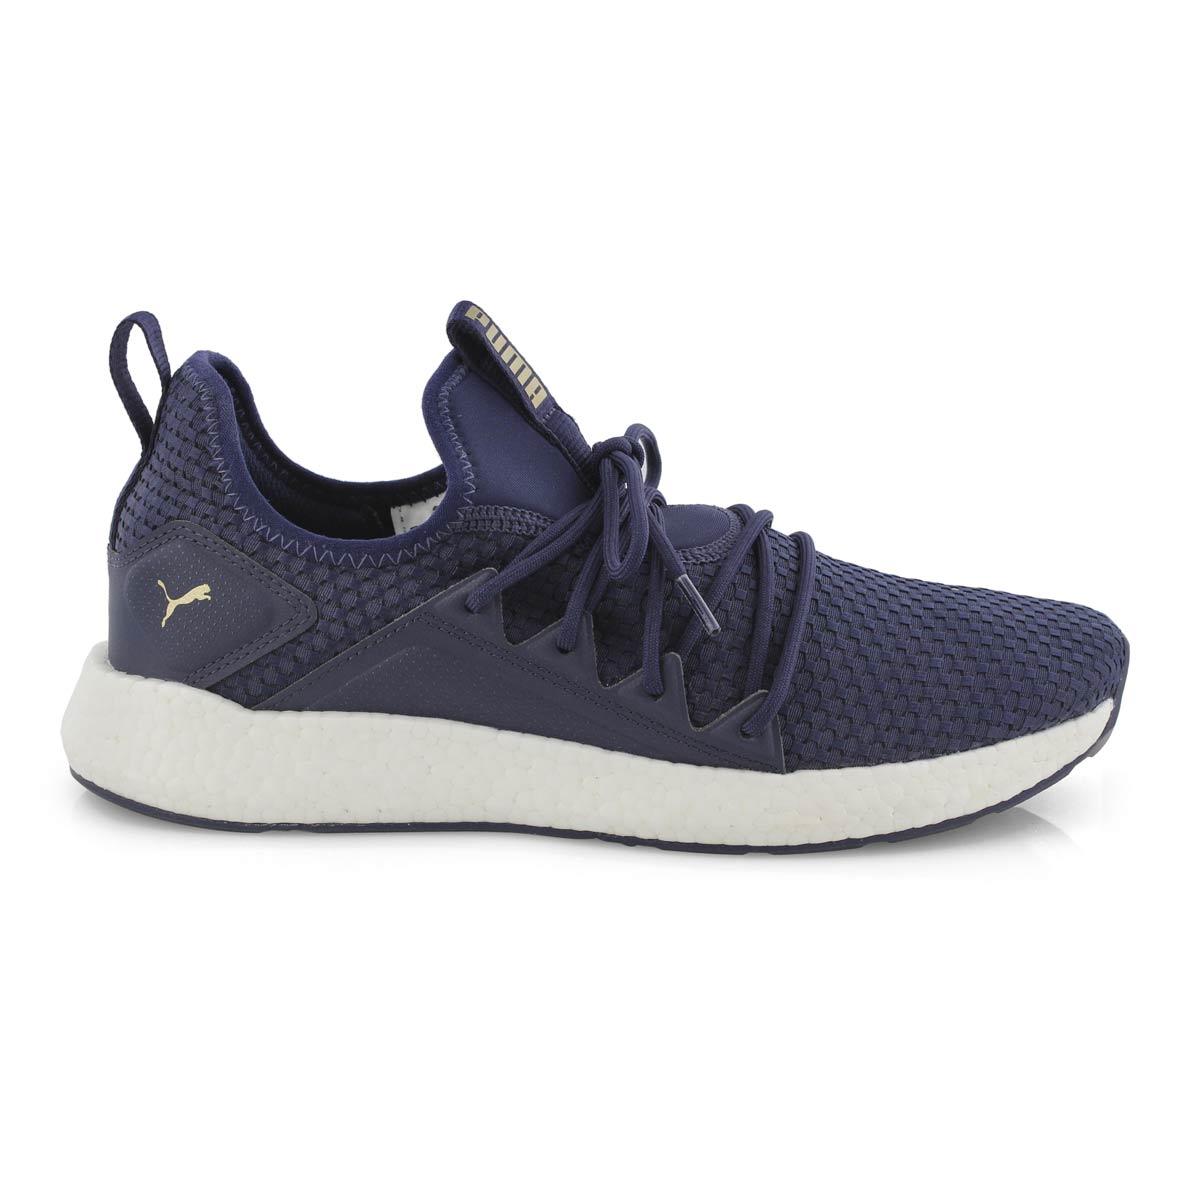 Lds NRGY Neko VT peacoat slip on sneaker